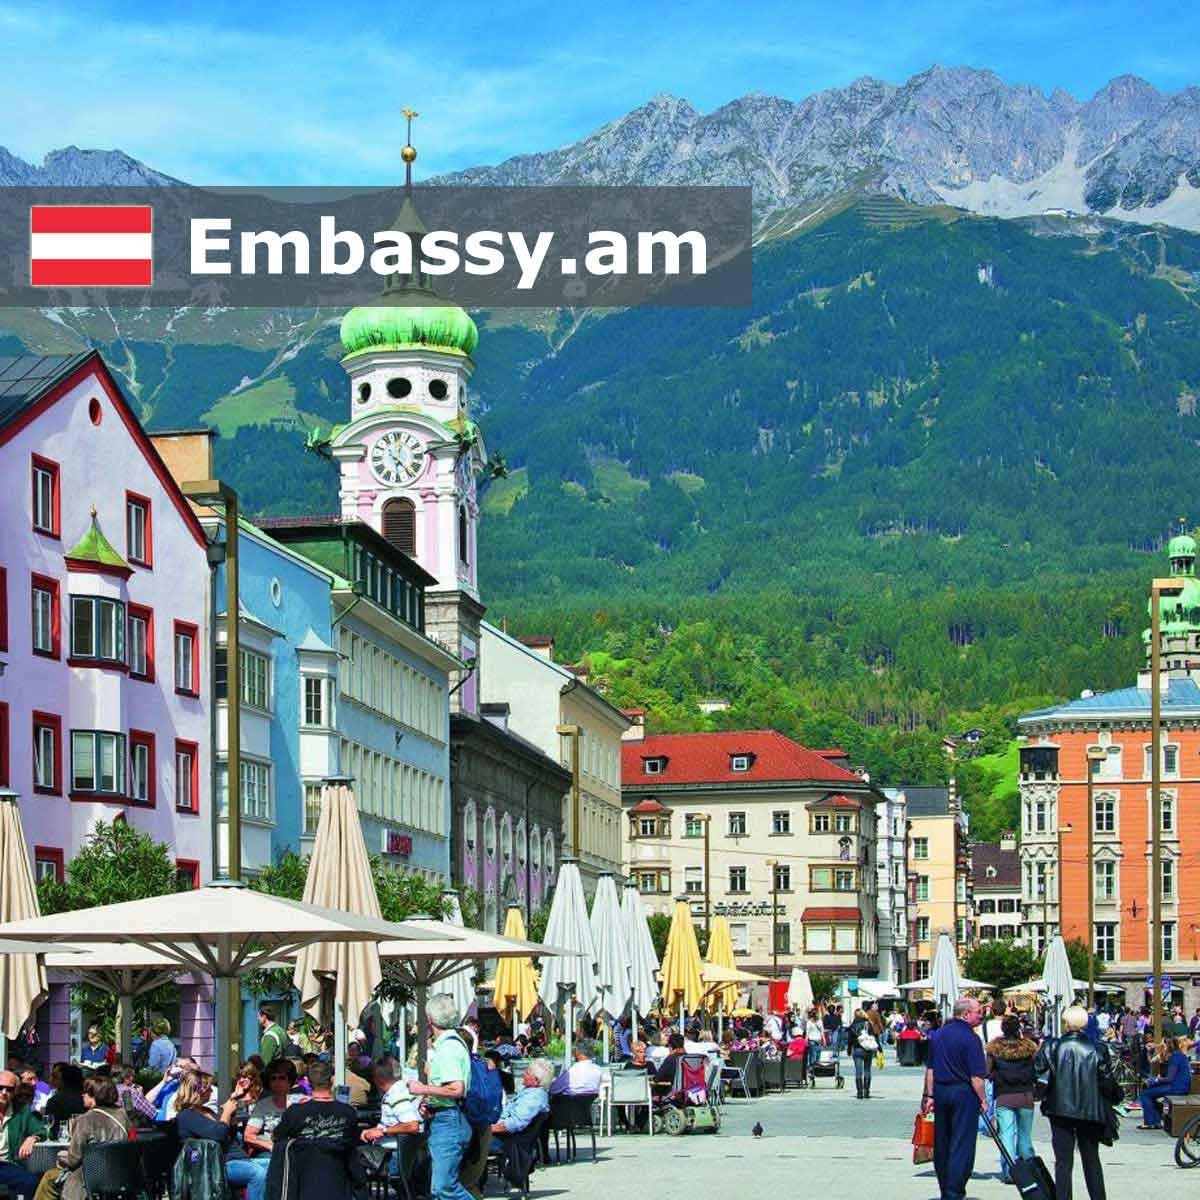 Инсбрук - Отели в Австрии - Embassy.am